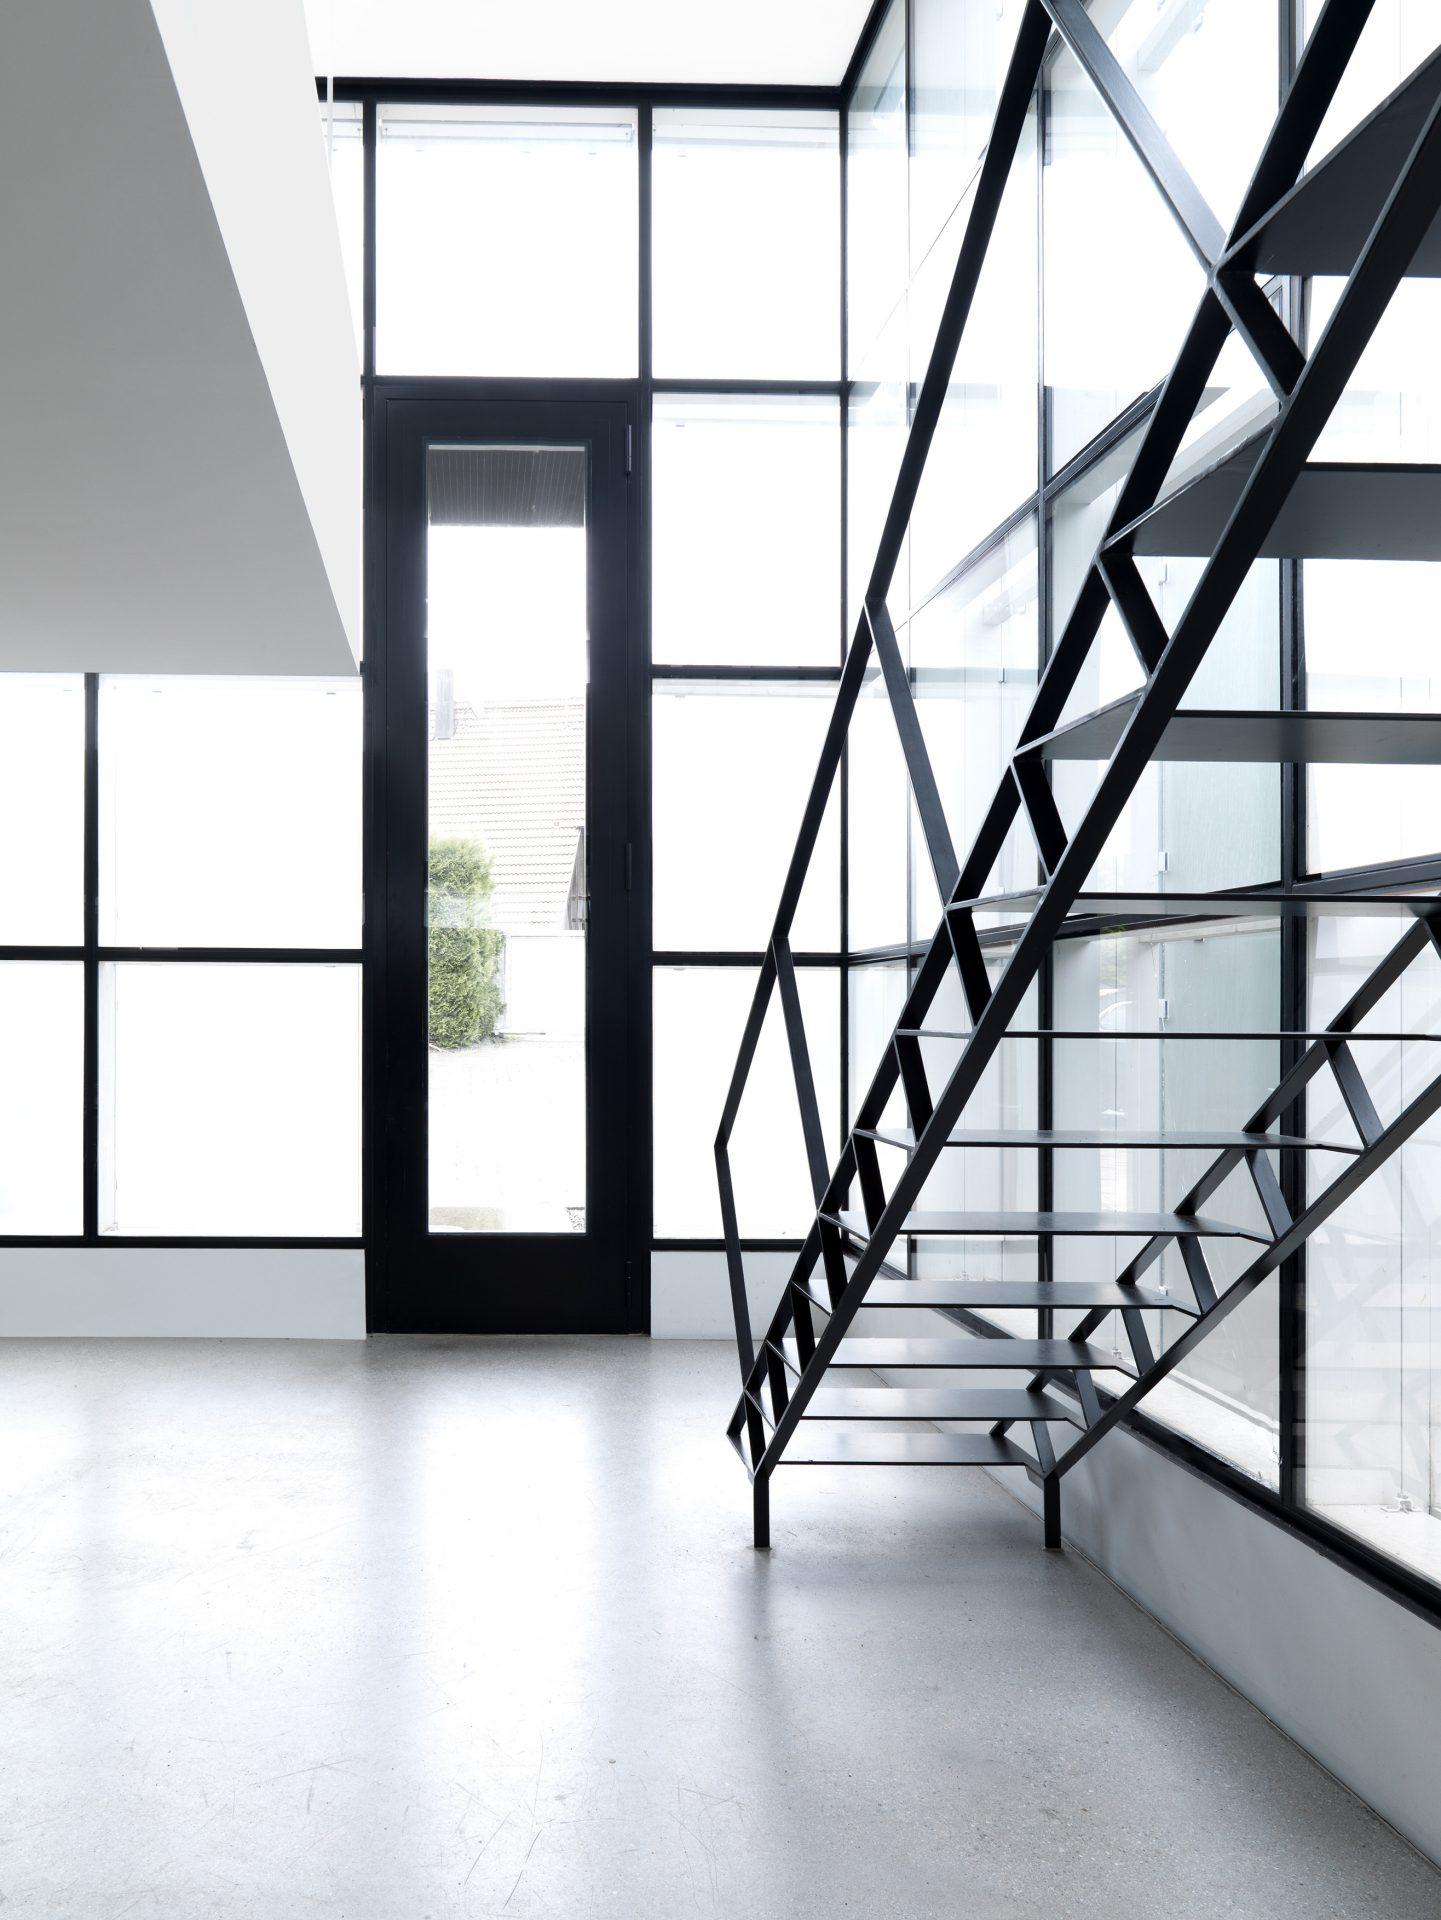 Wunderbar Architekt Suchen Sammlung Von